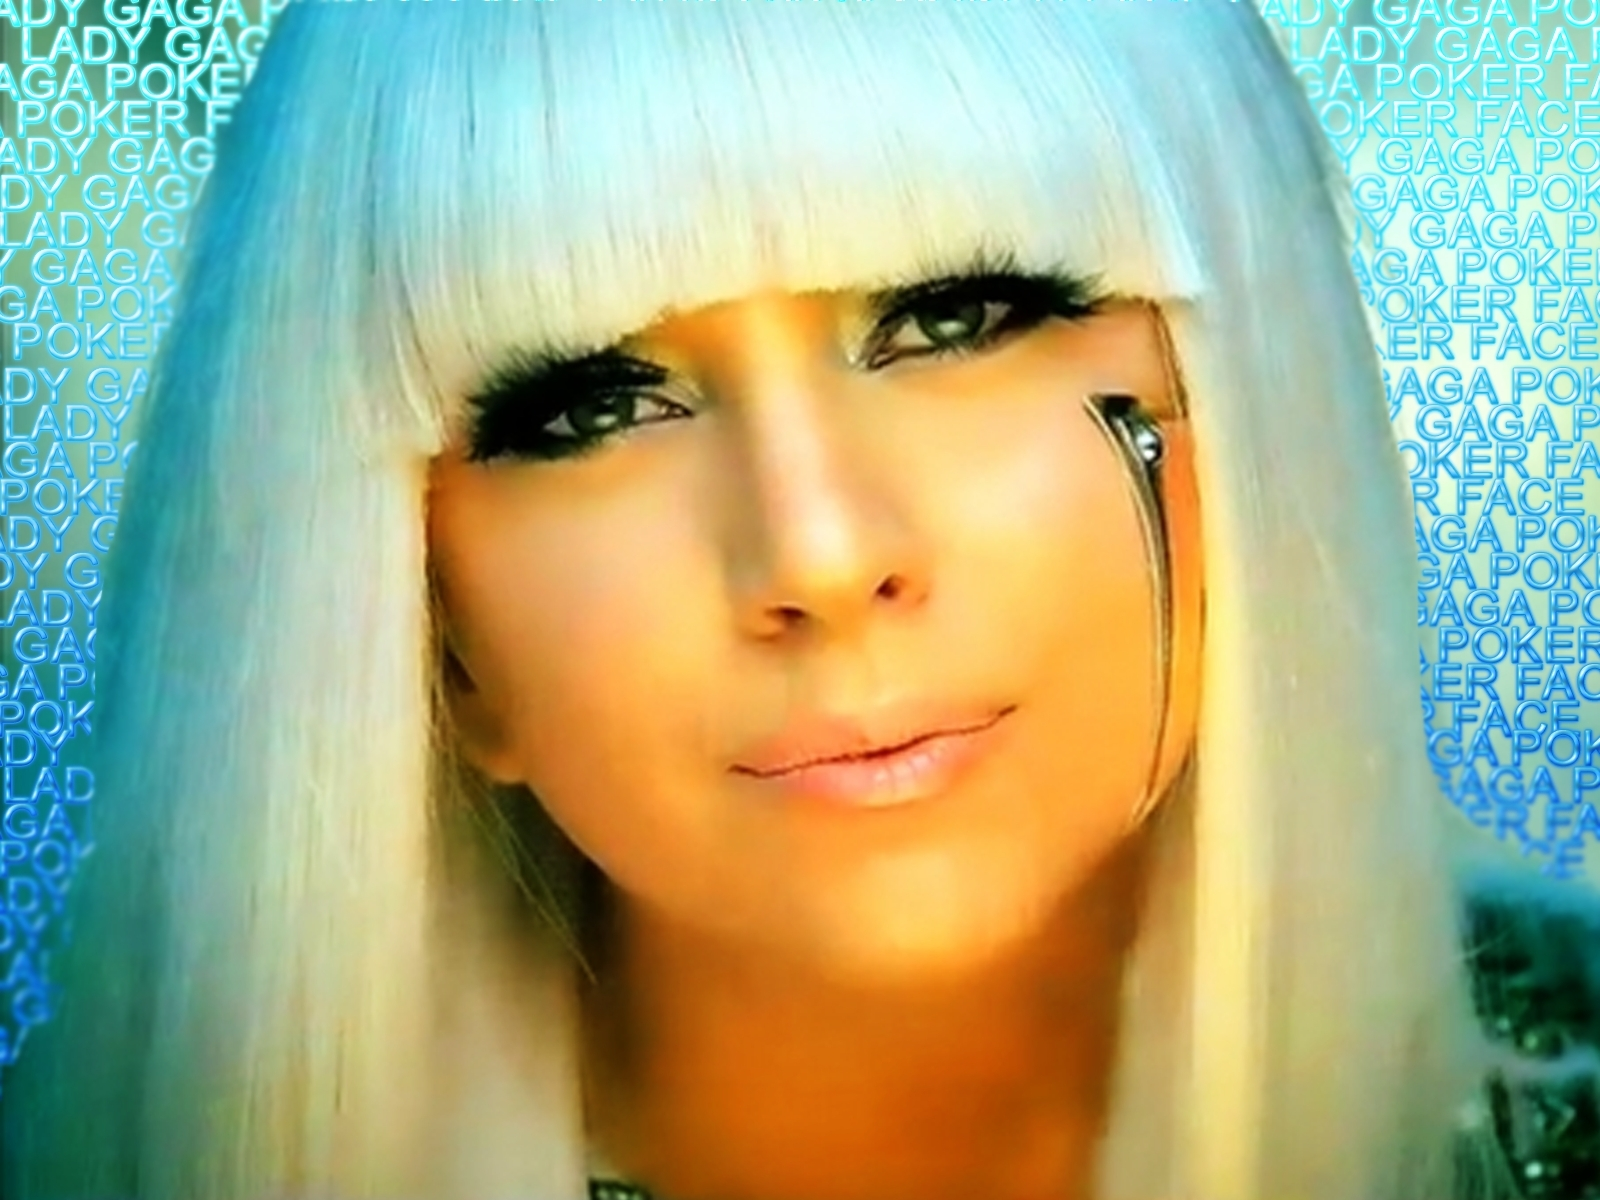 http://1.bp.blogspot.com/-rwagObRWeyc/Tj057VAymdI/AAAAAAAAFrw/f1MYk2Wu6es/s1600/Lady-GaGa.jpg